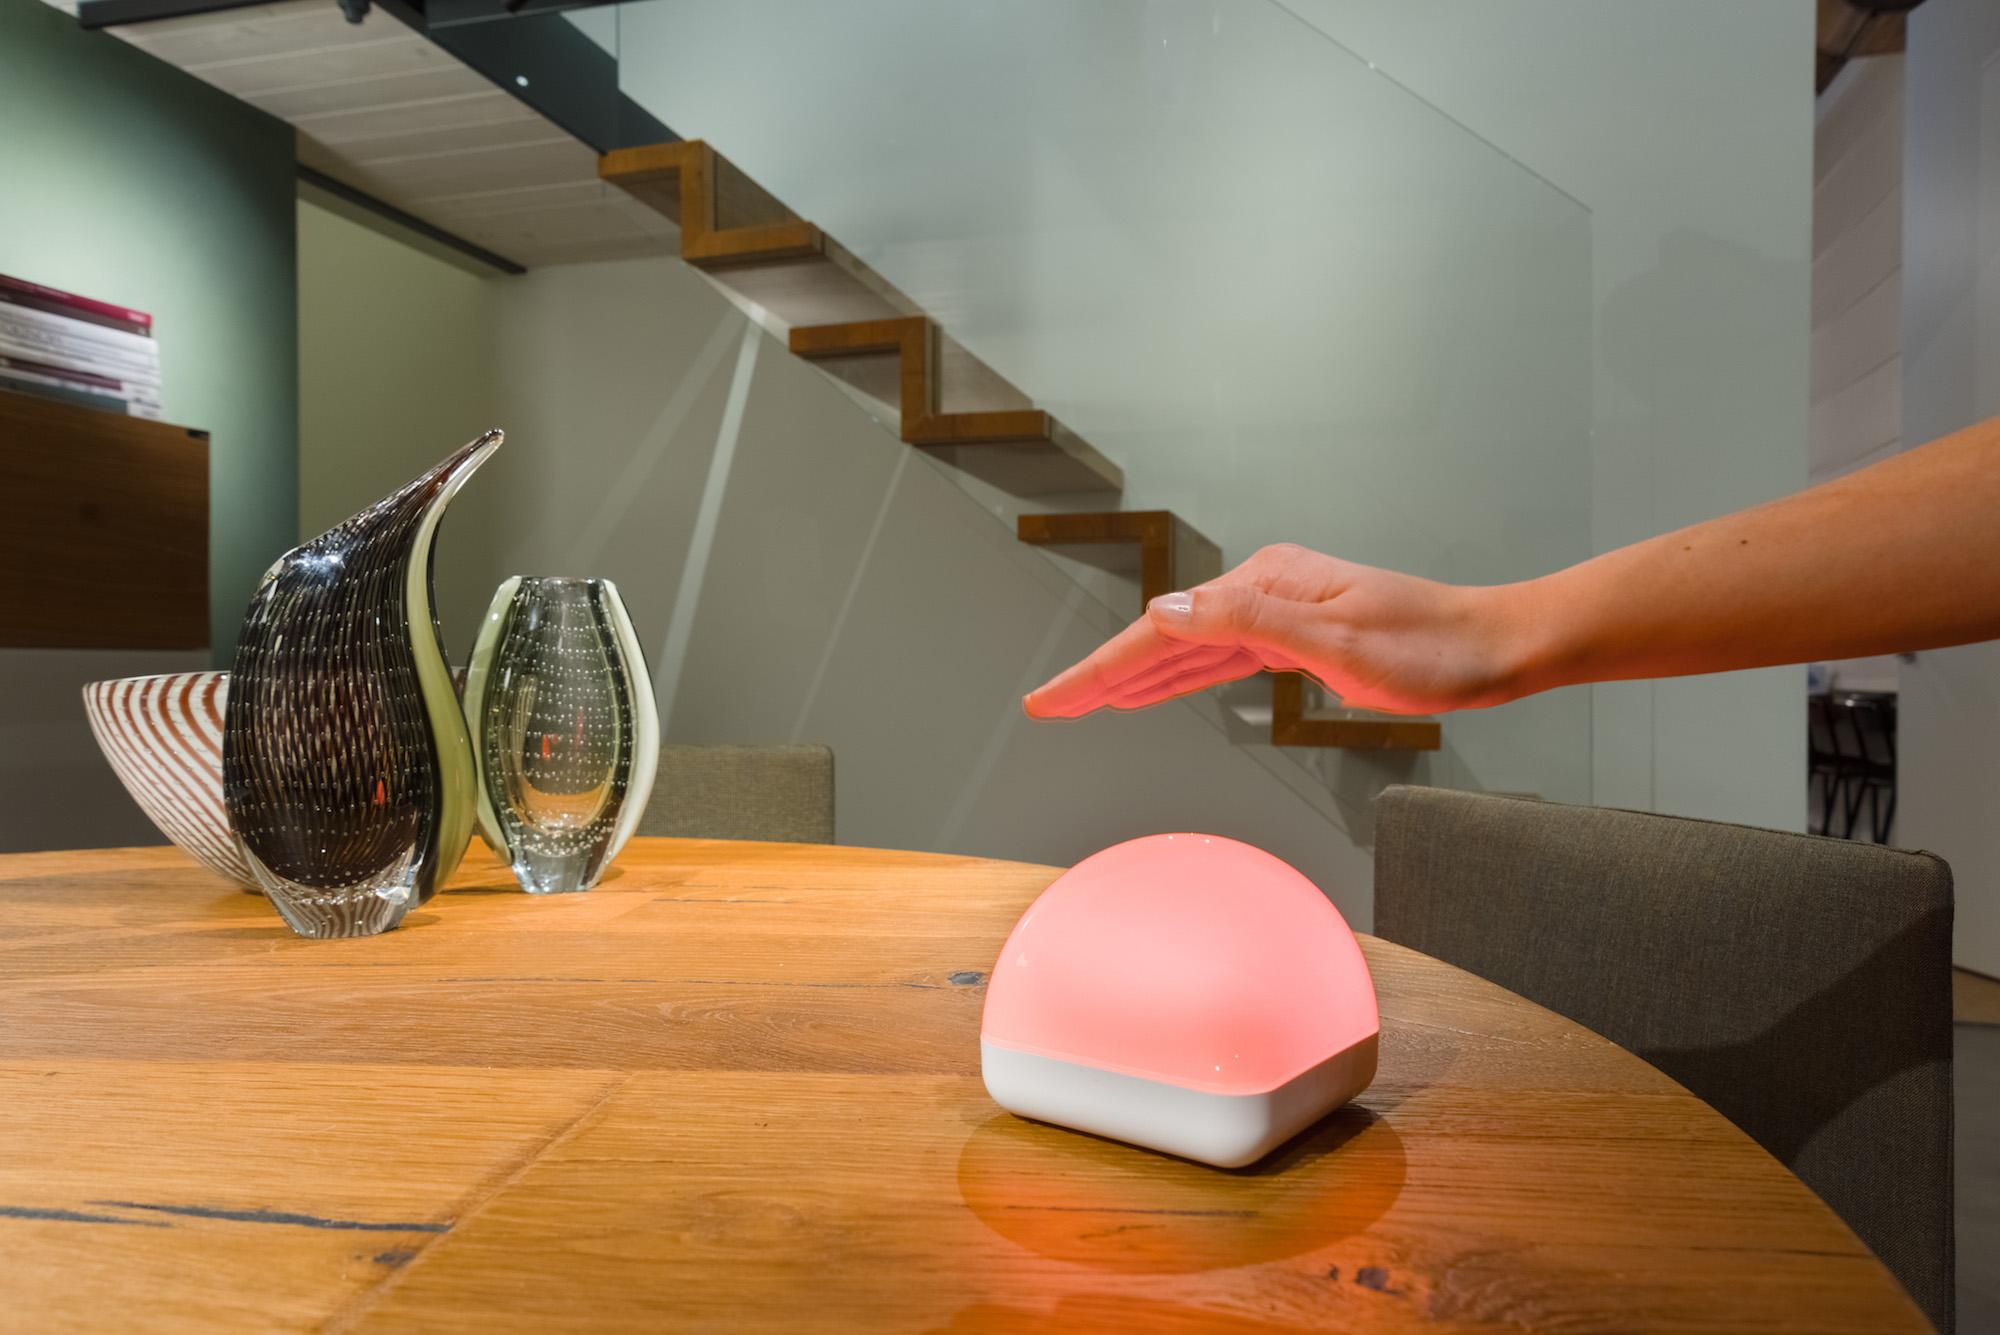 ABenergie presenta DiCE: il dispositivo per conoscere e controllare i consumi elettrici thumbnail